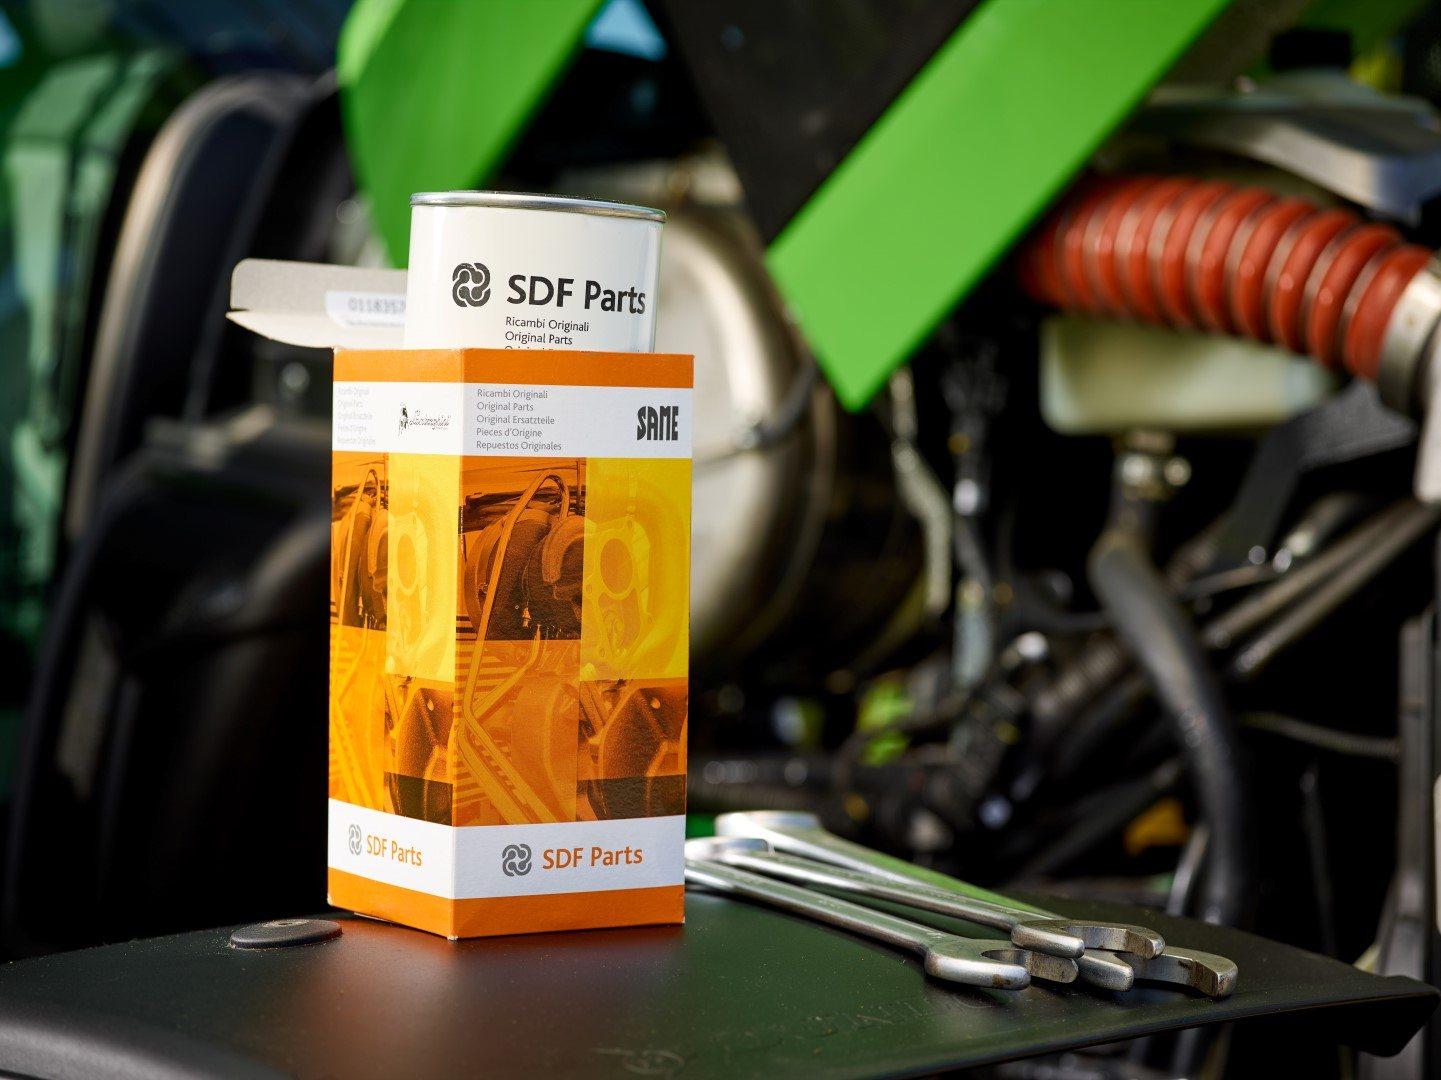 SDF parts Ersatzteile und drei Schraubenschlüssel